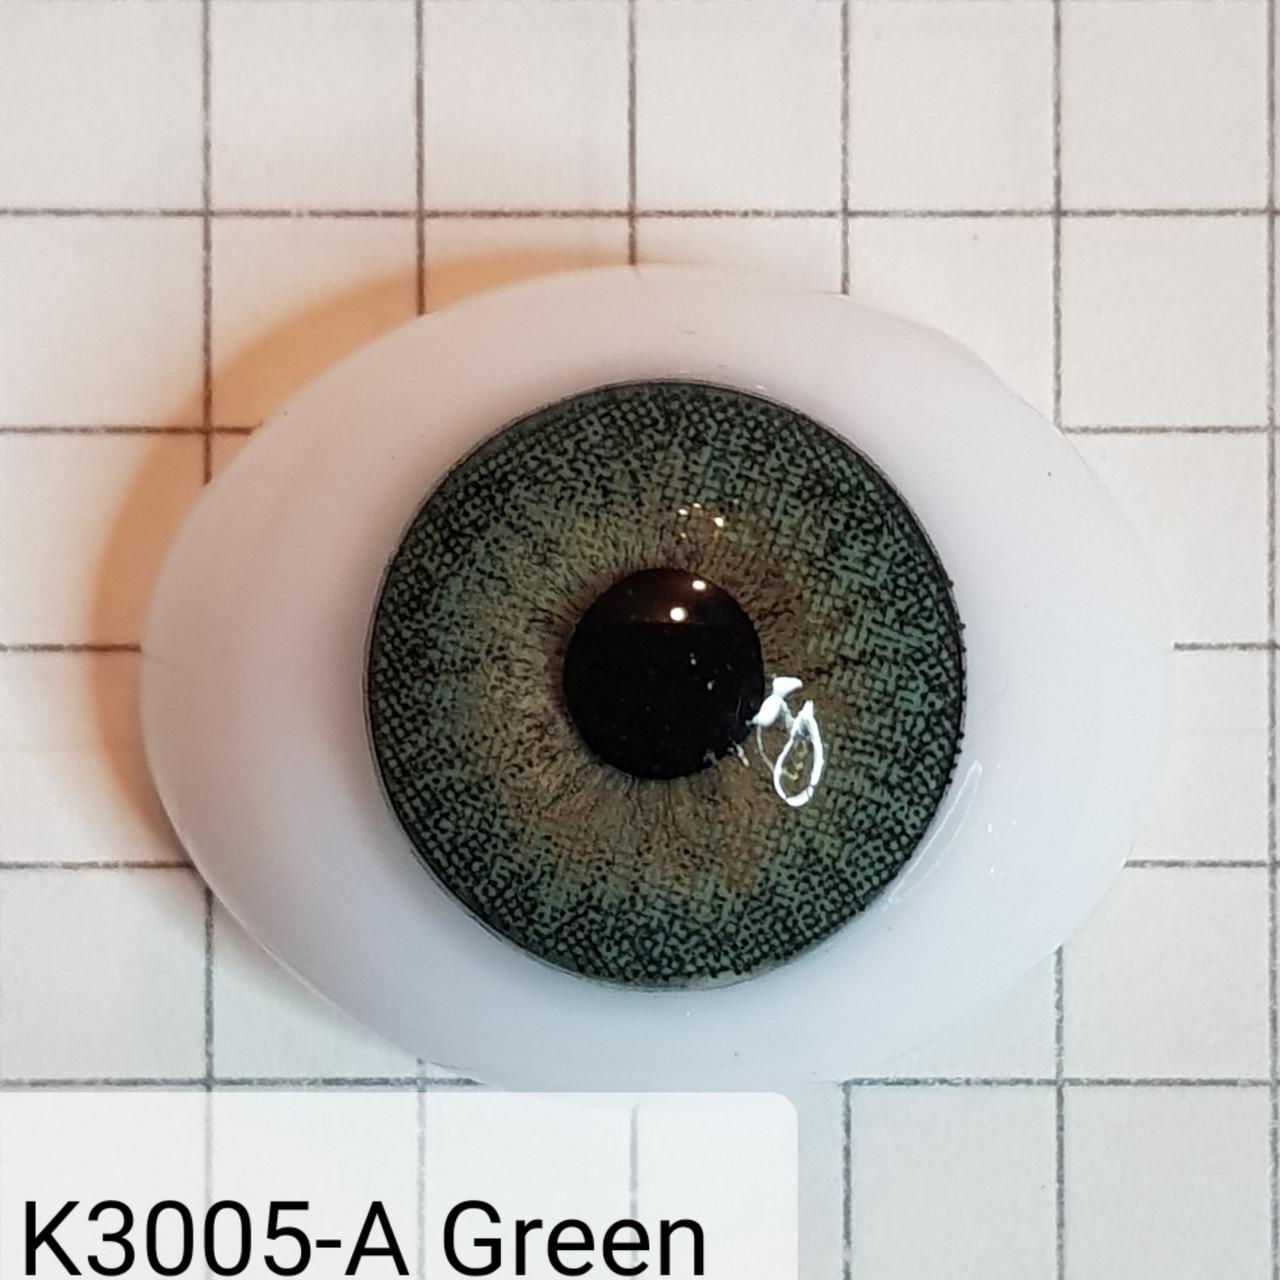 Контактные линзы DOX K3005-A Green -2.00 - фото 6